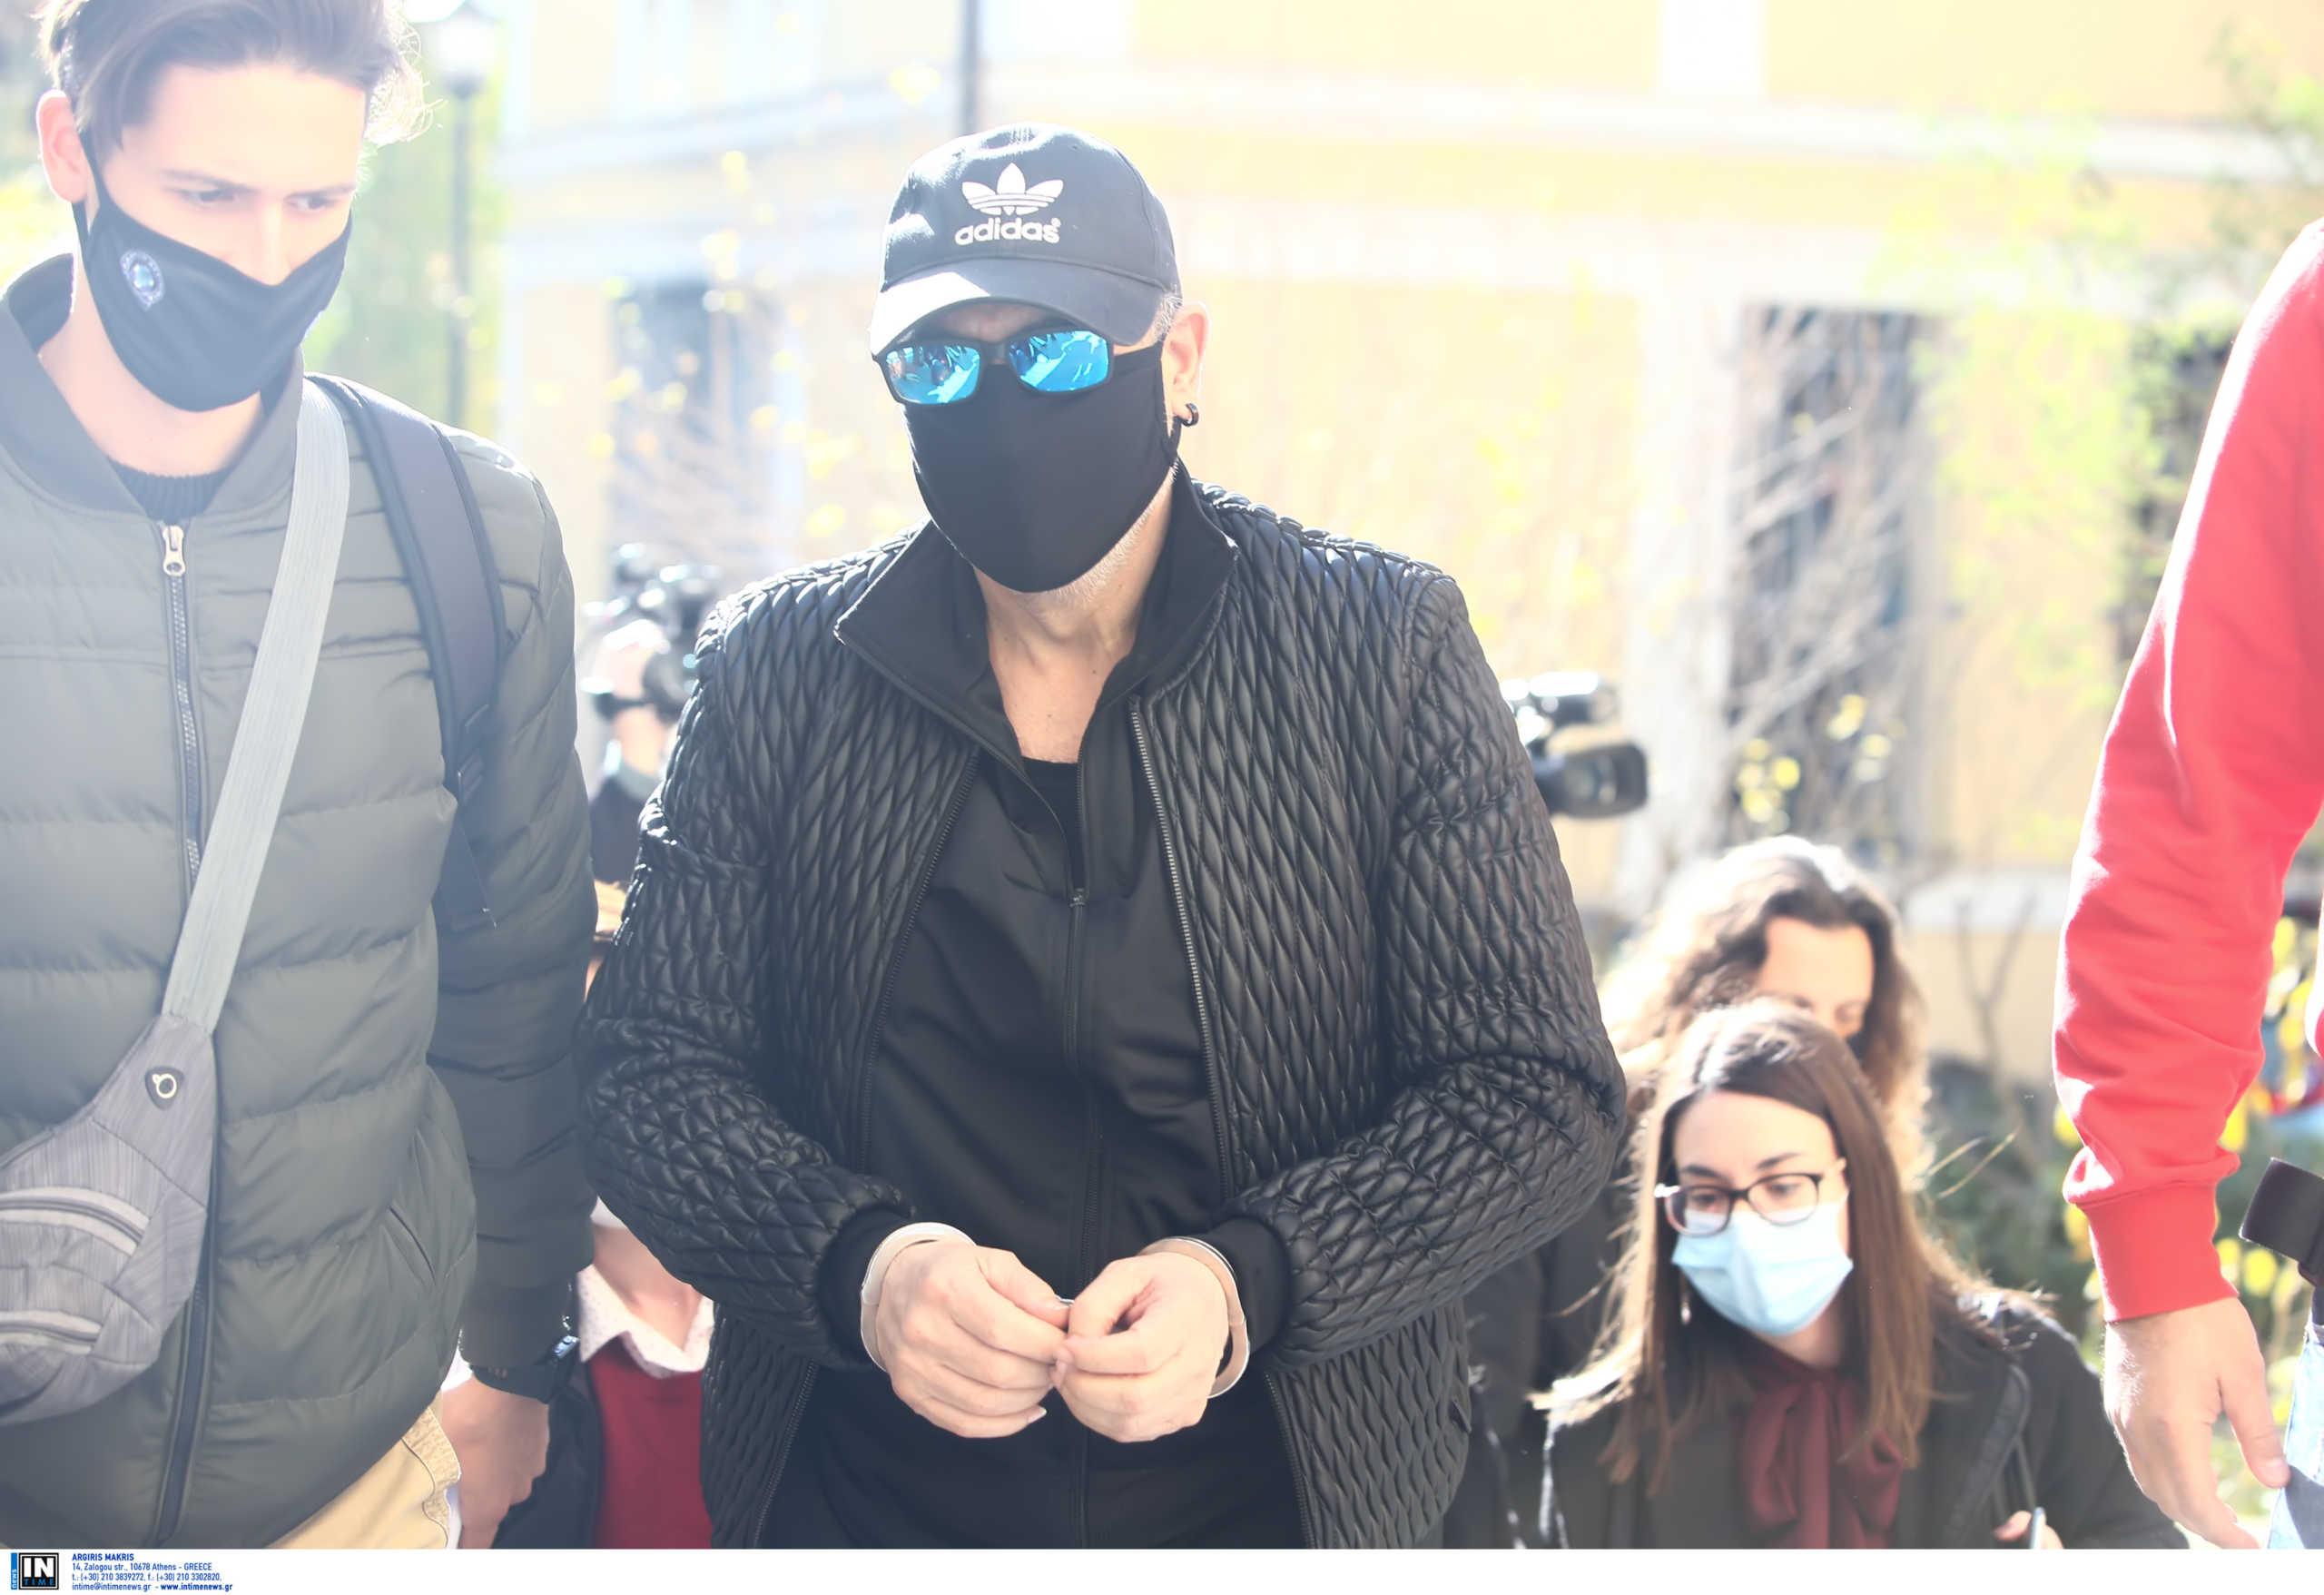 Νότης Σφακιανάκης: Αναβάλλεται επ' αόριστον η δίκη του – Δήλωση Κούγια